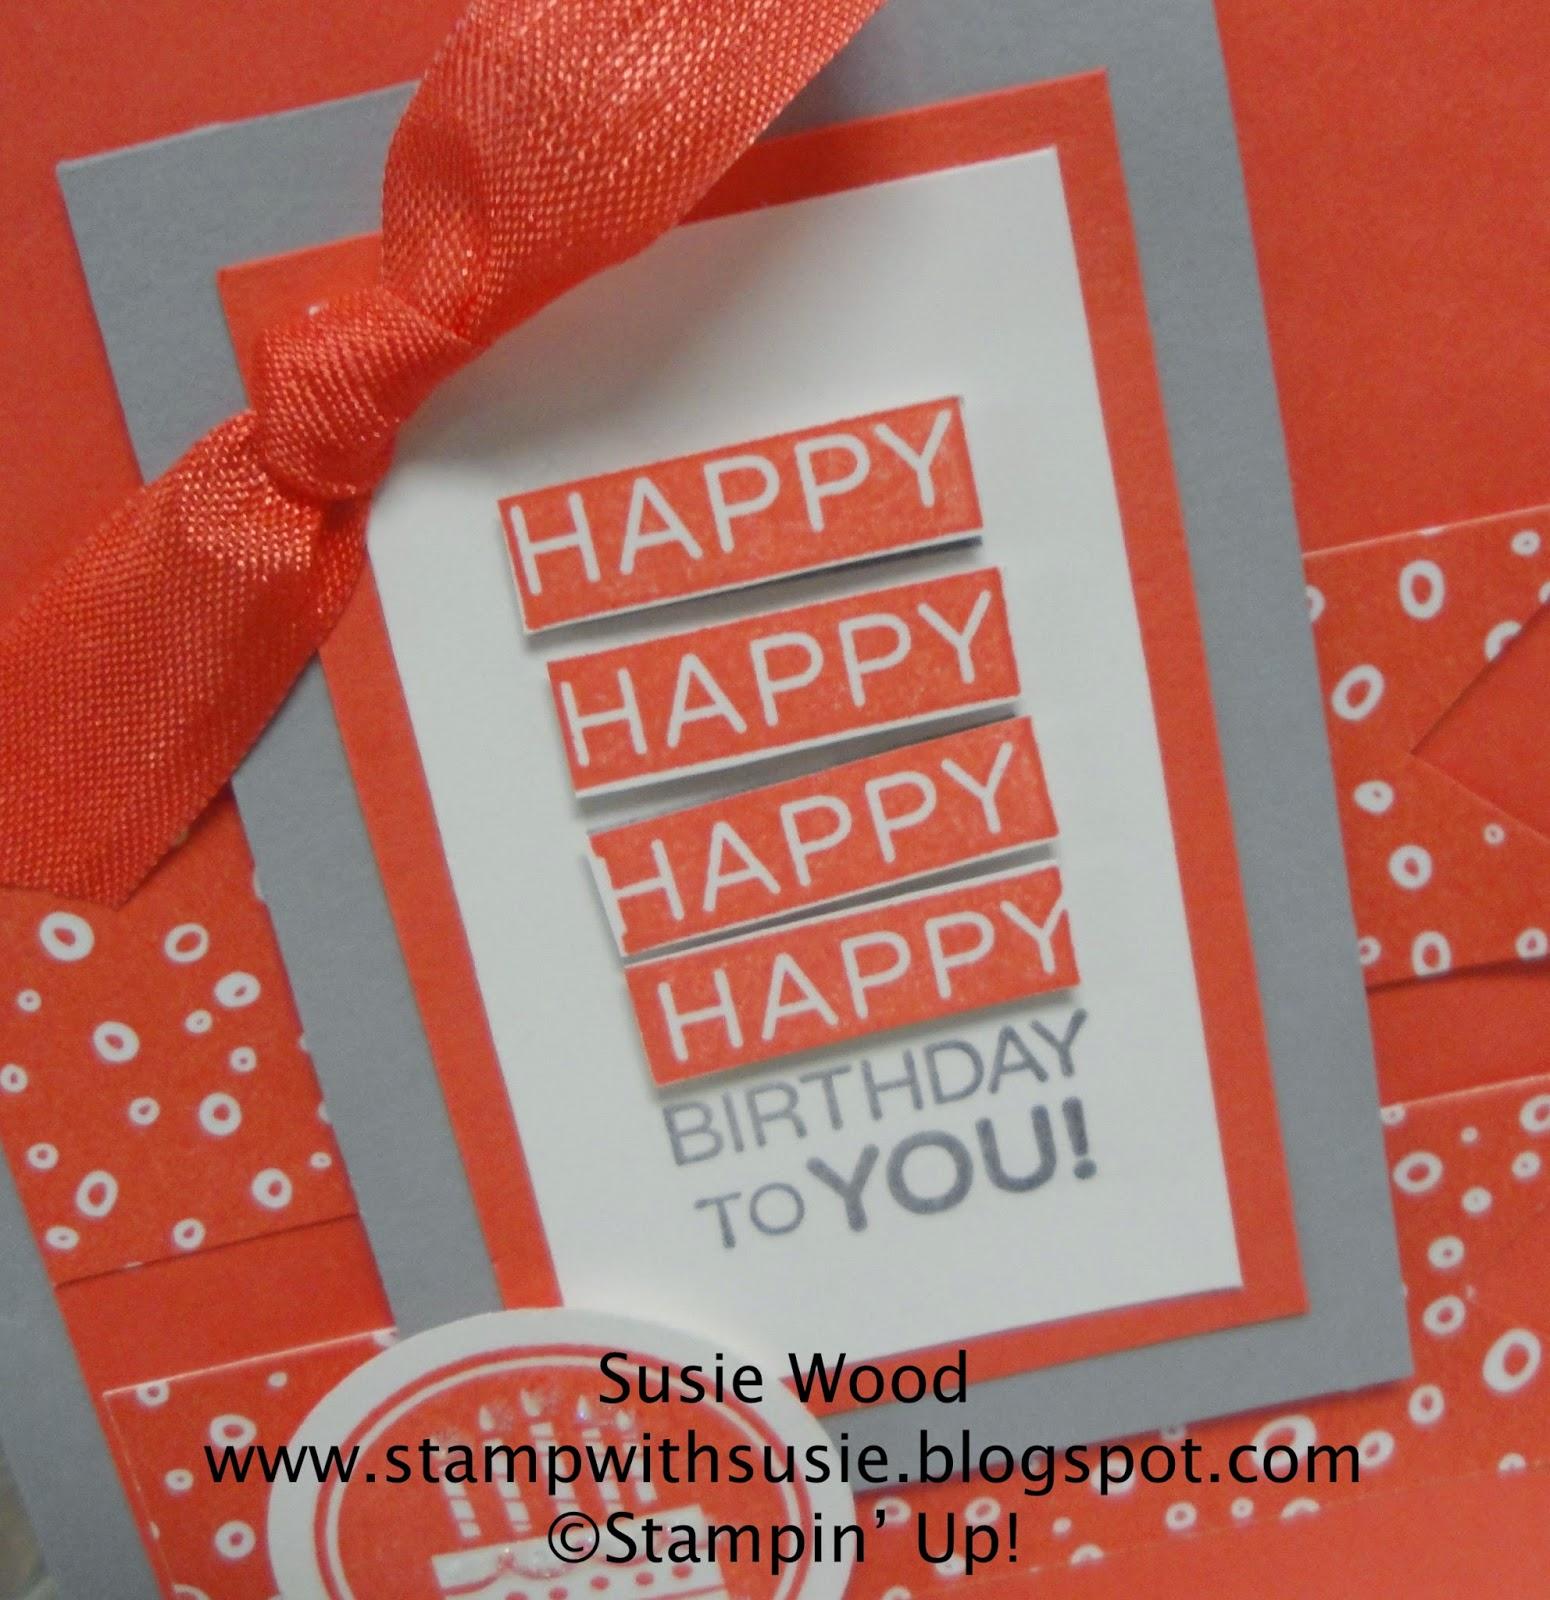 Stamp With Susie: Happy, Happy, Happy, Happy Birthday